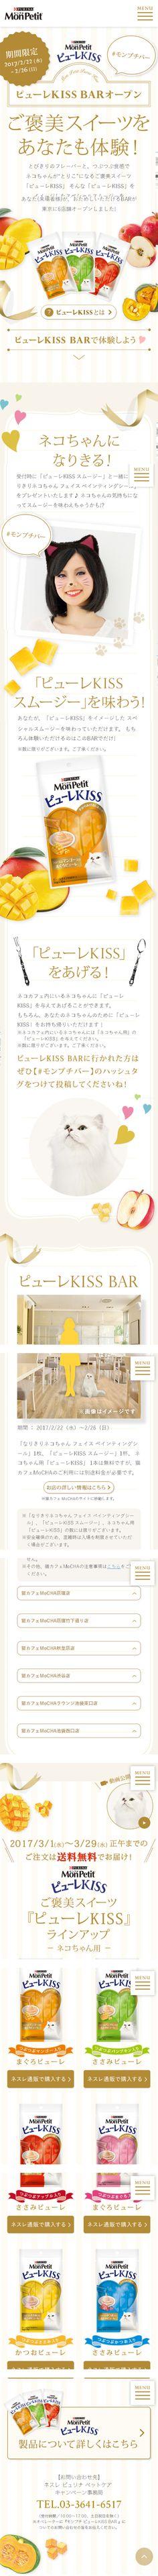 https://nestle.jp/brand/monpetit/product/puree_kiss_bar.html【ペット・花・DIY工具関連】のLPデザイン。WEBデザイナーさん必見!スマホランディングページのデザイン参考に(かわいい系)